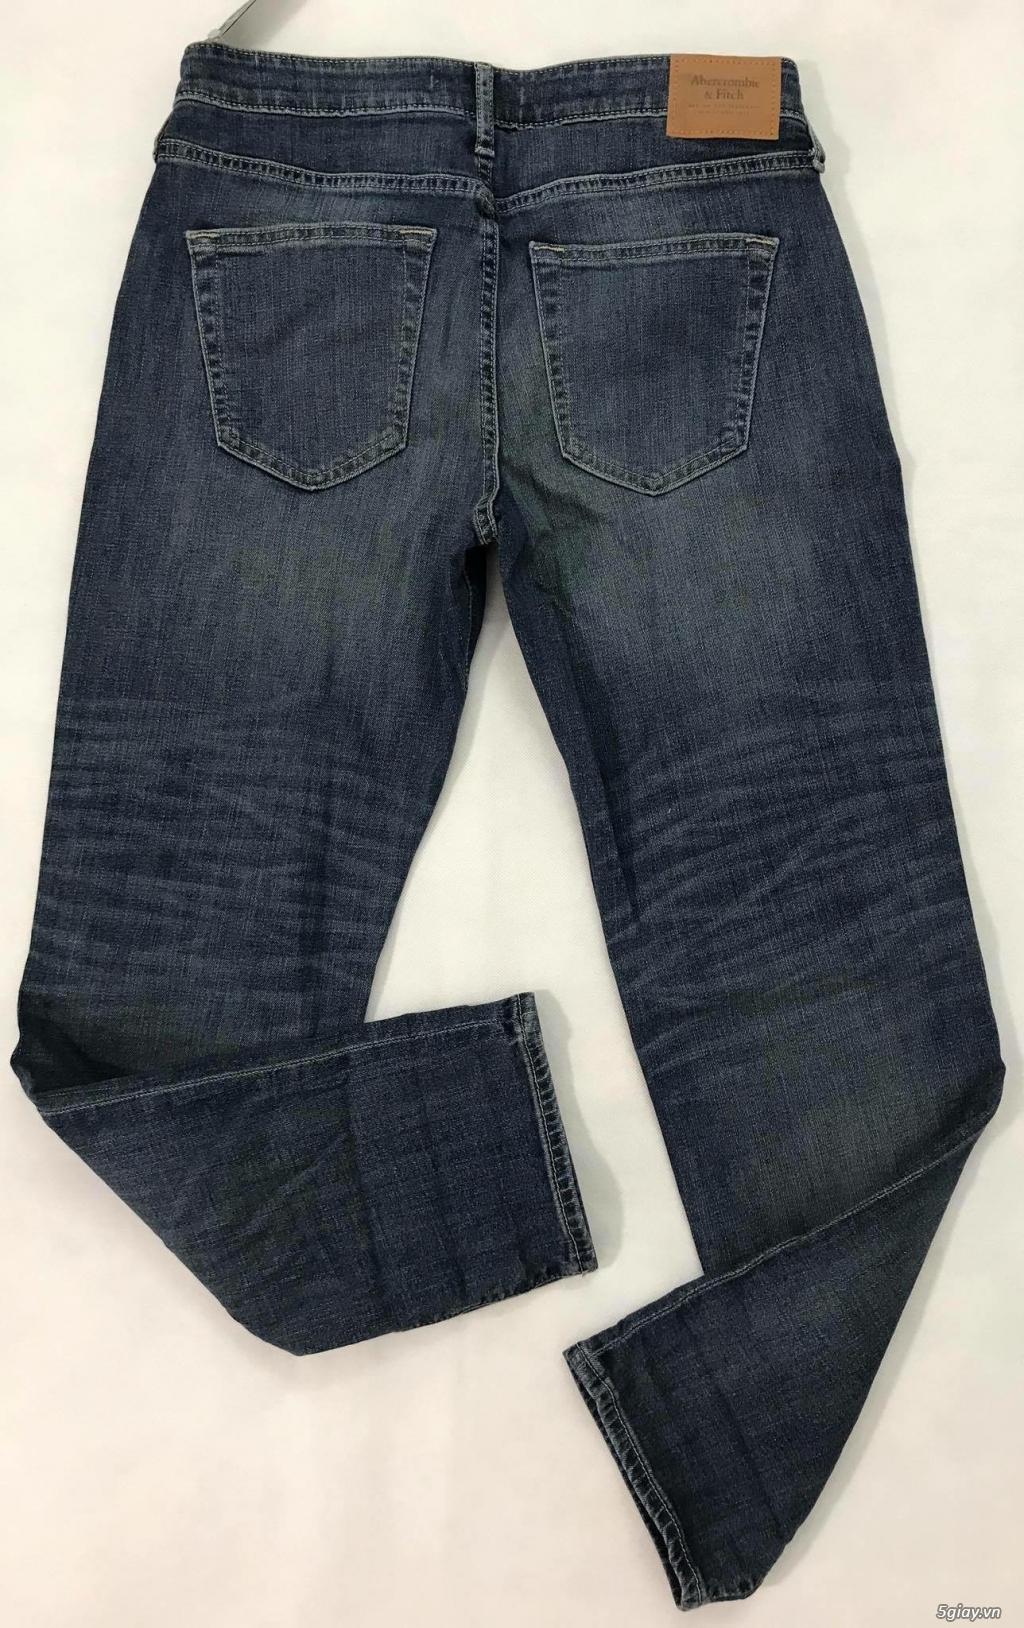 Cần thanh lý quẩn jeans abercrombie & fitch mua bên mỹ . - 10